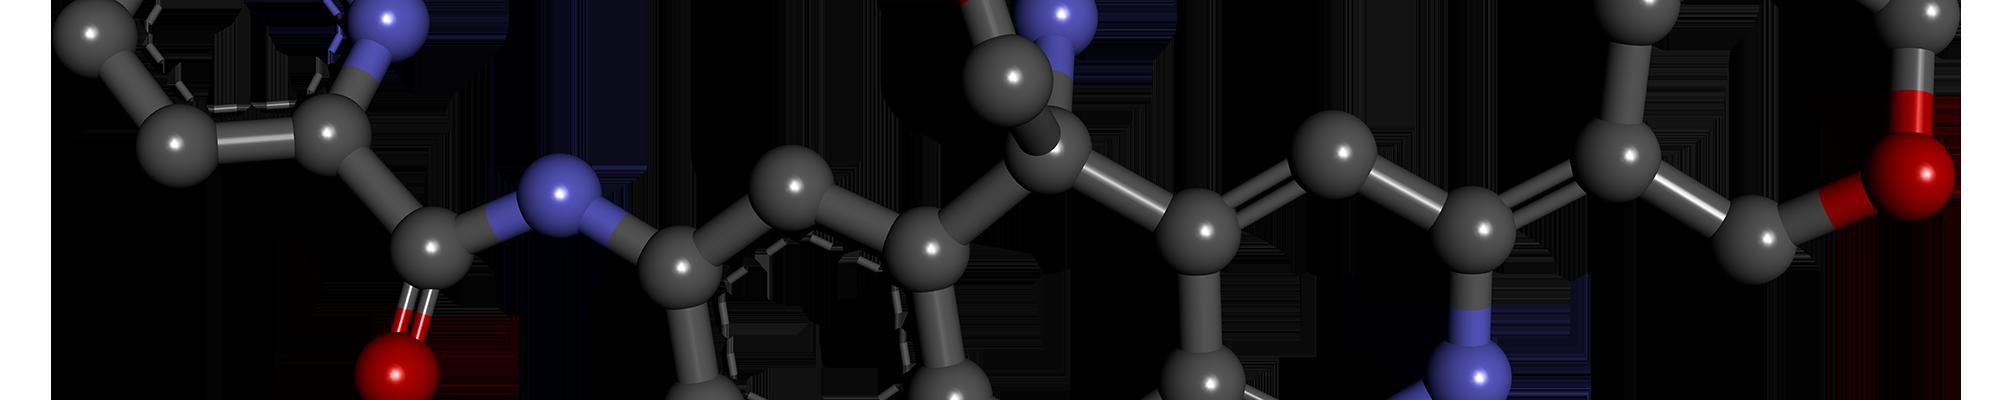 protoqsar quimica computacional